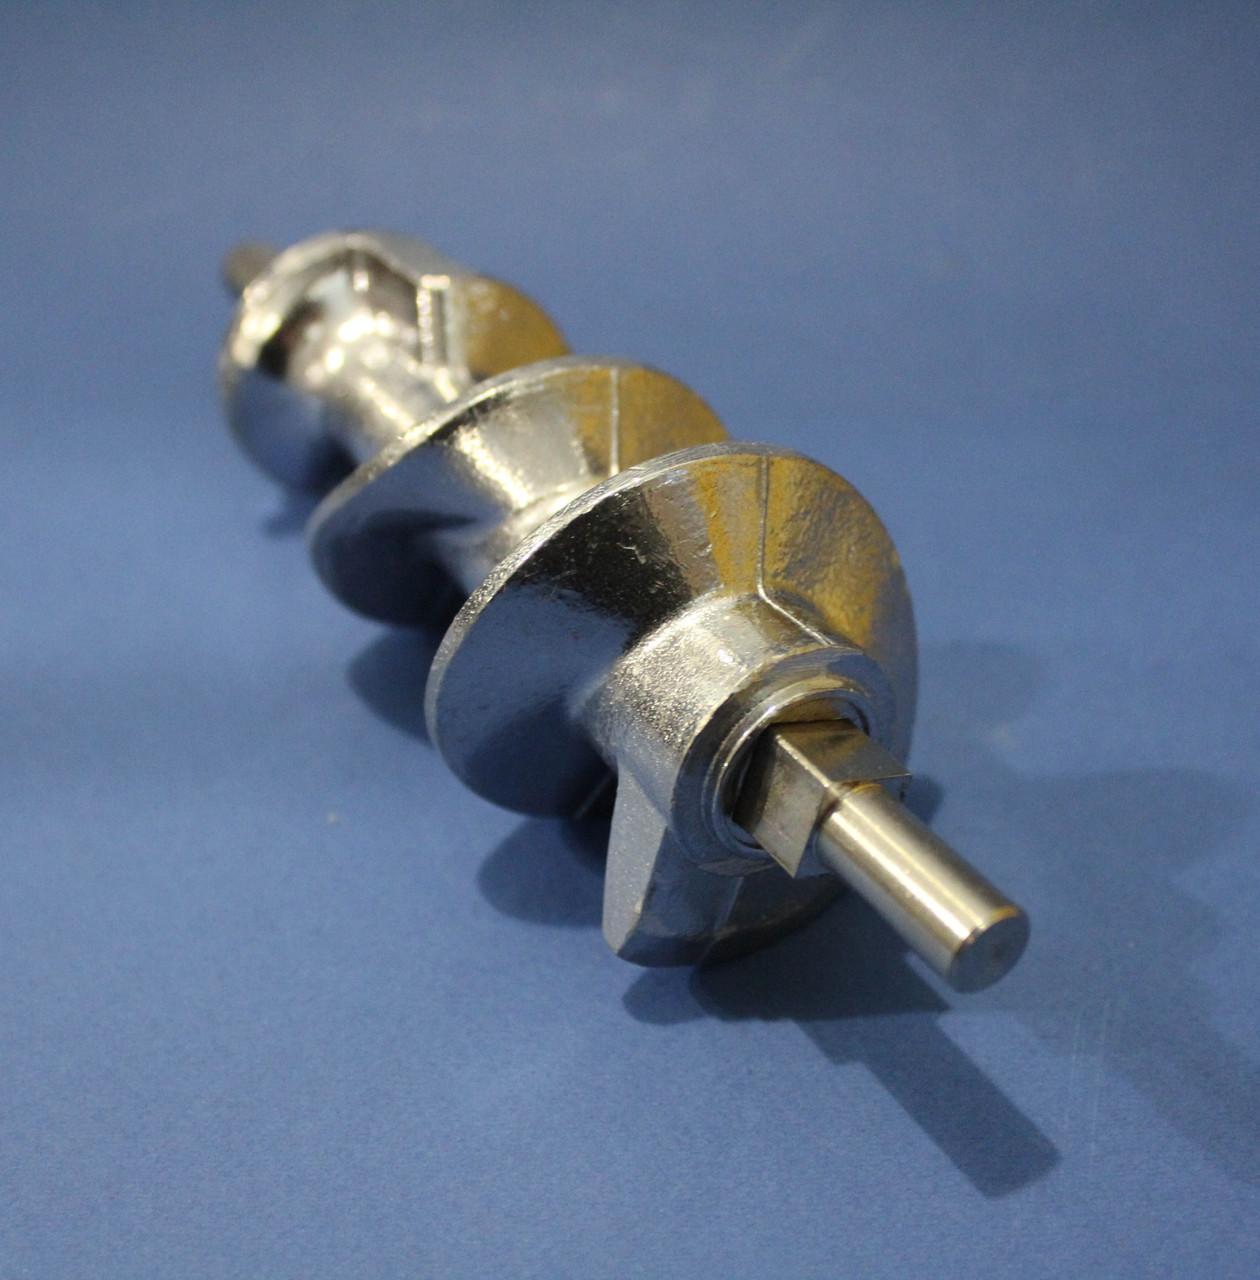 Шнек для мясорубки Moulinex серии HV8 SS-193513 (отверстие под нож - четырехгранник)